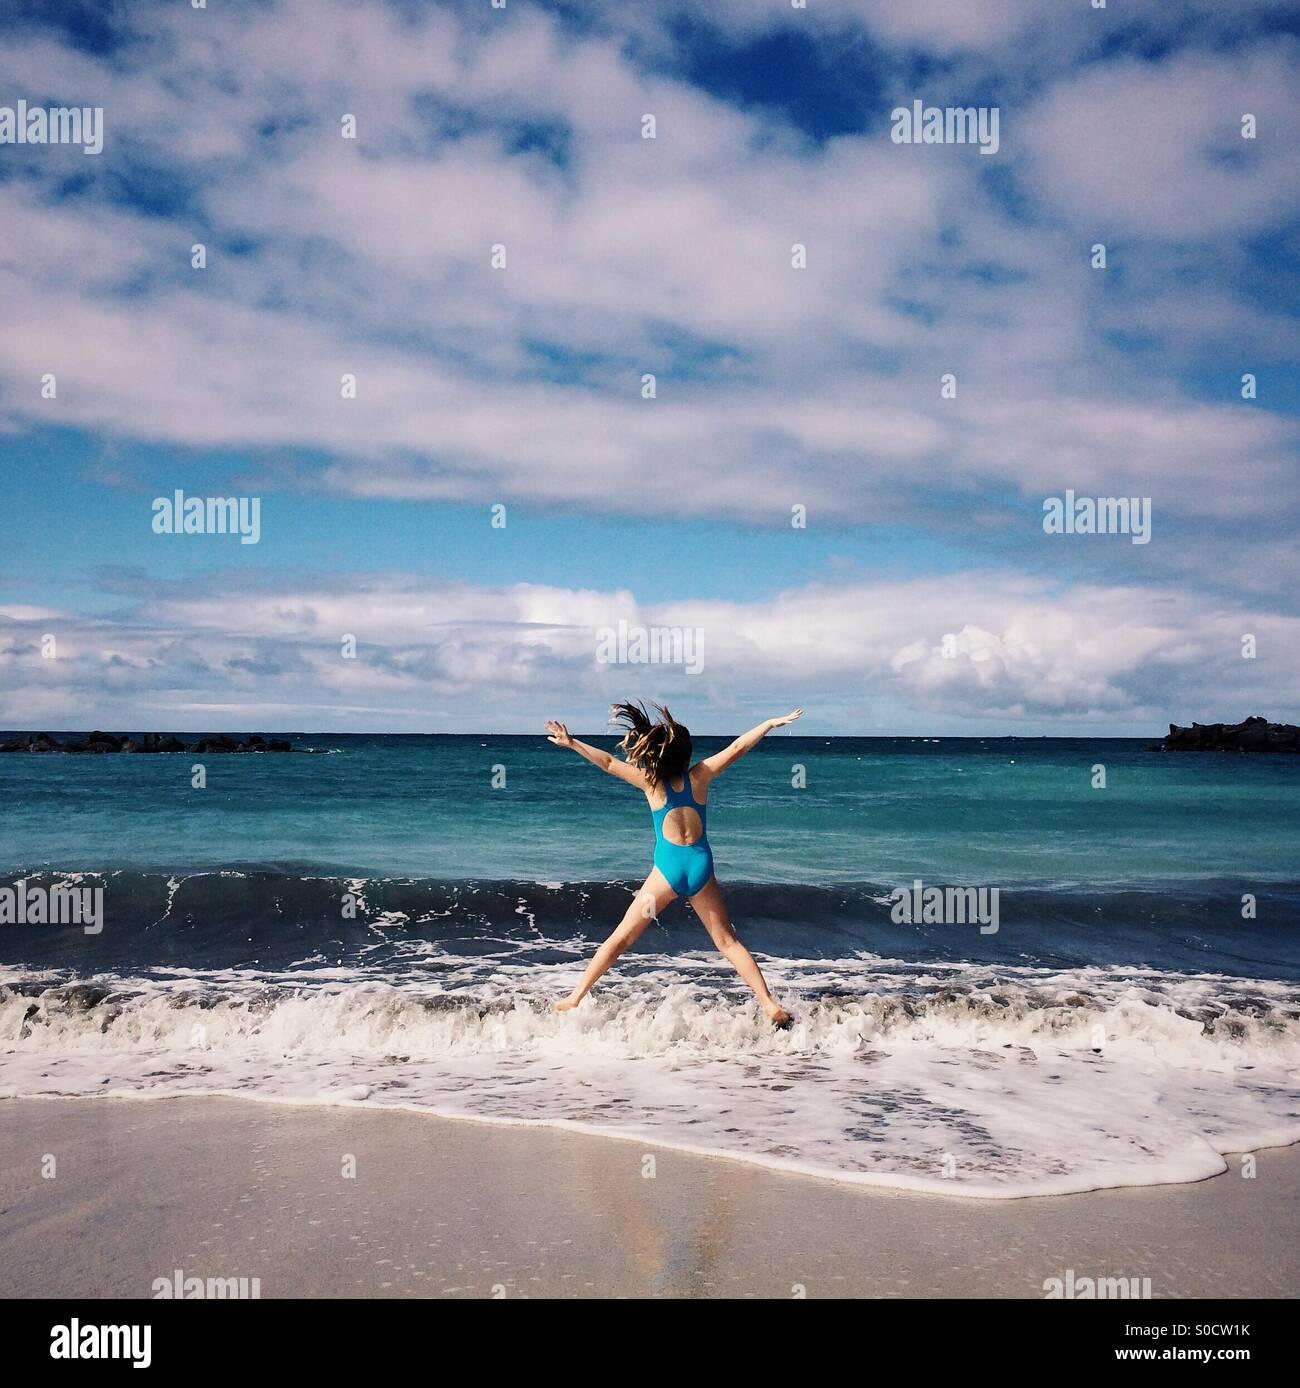 Mädchen spielen am Strand, Costa Adeje, Teneriffa, Kanarische Inseln, Spanien Stockfoto